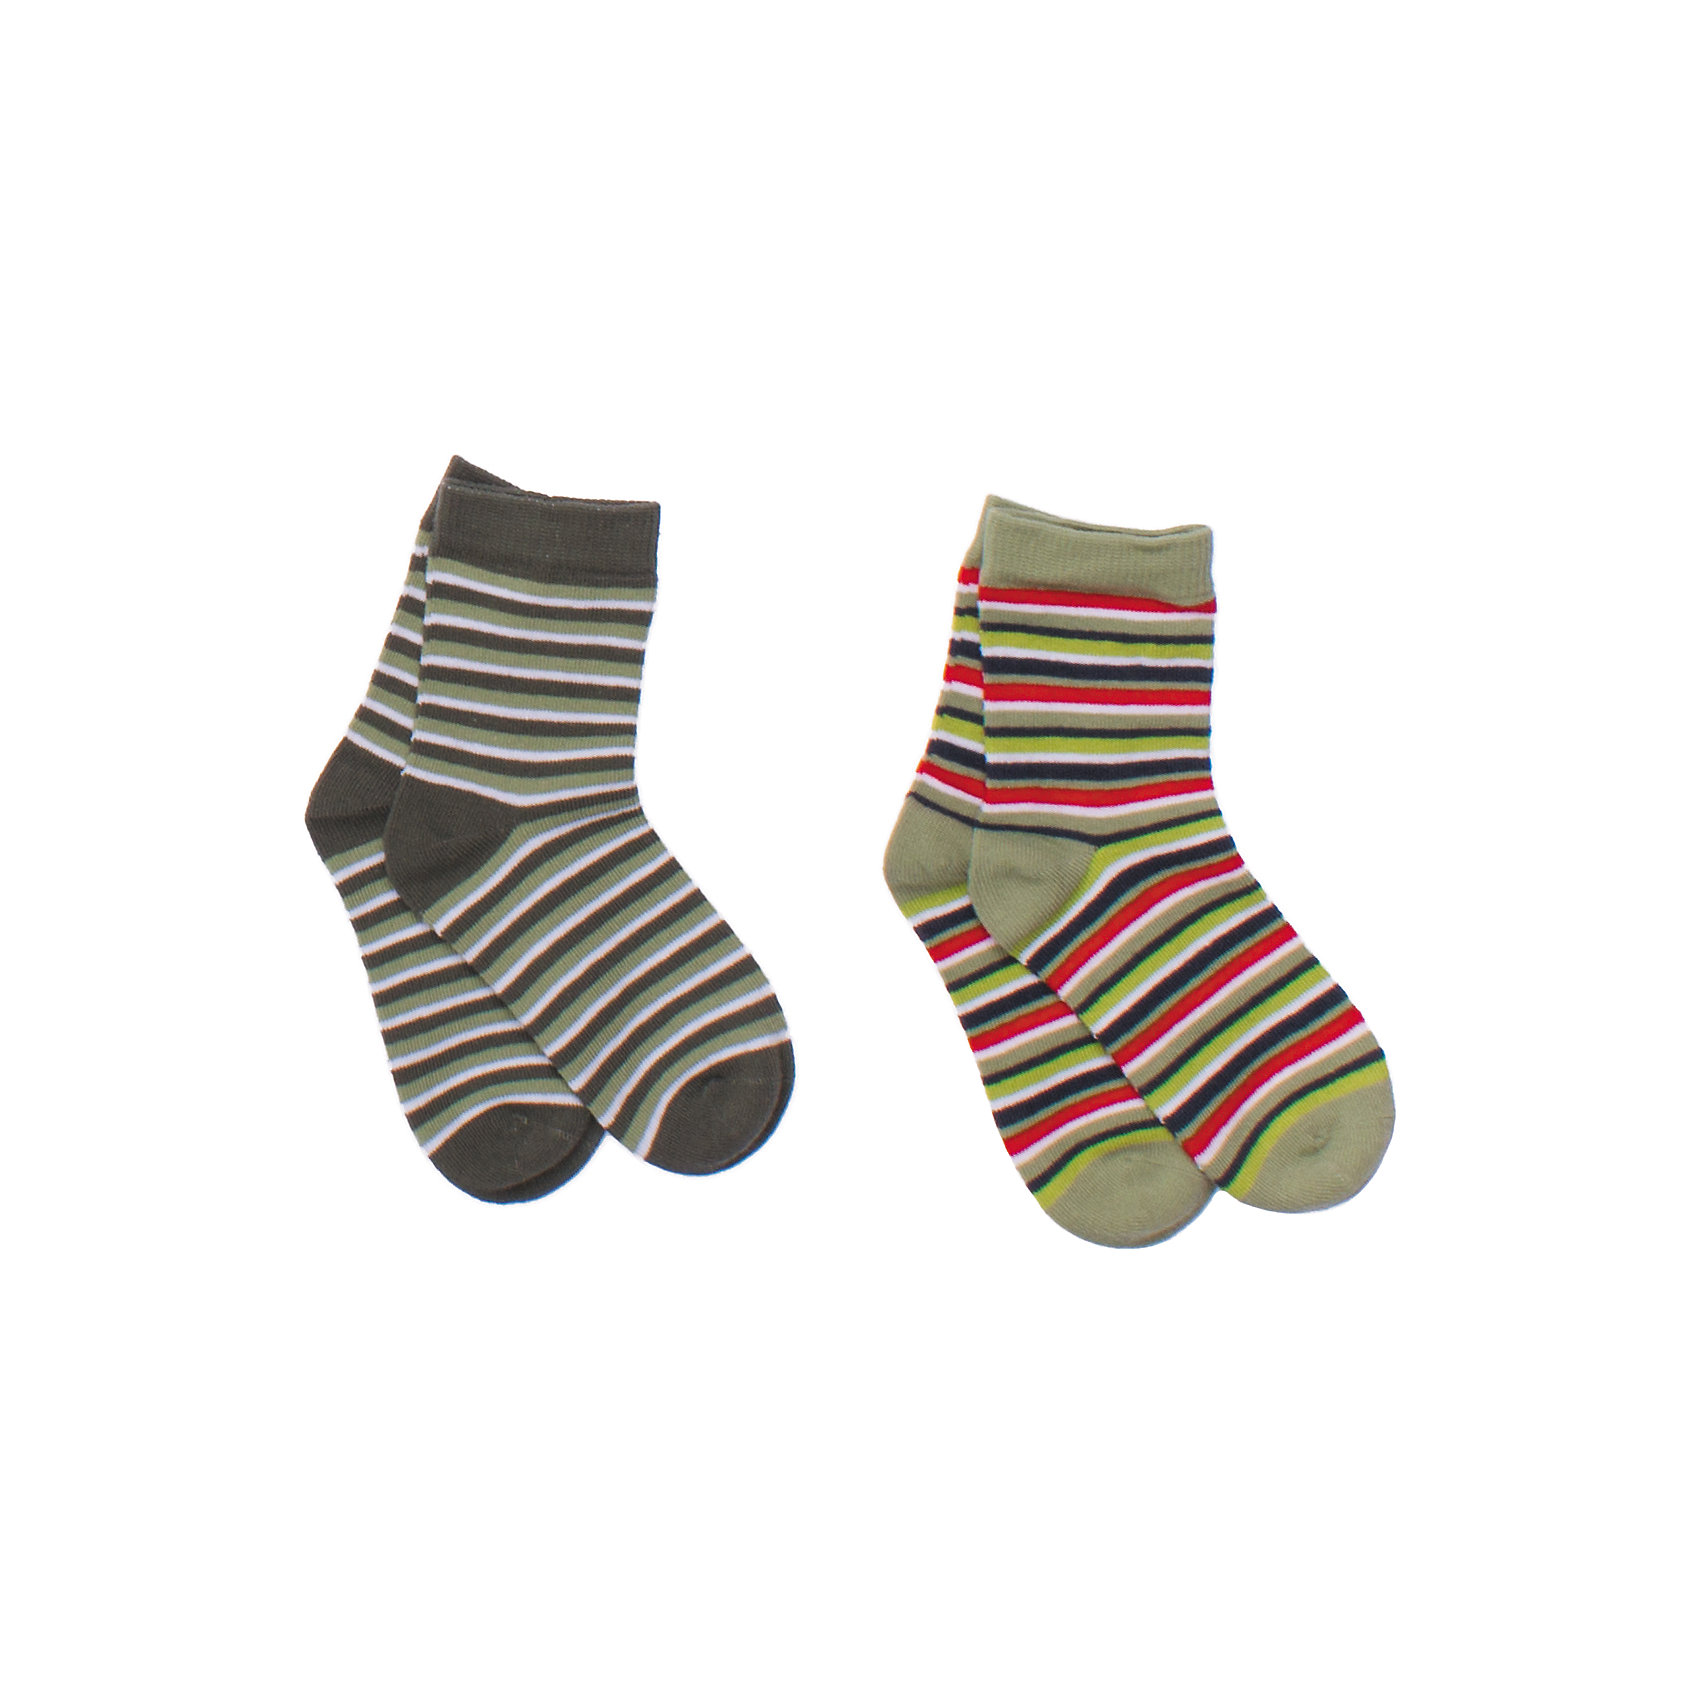 Носки (2 шт.) для мальчика PlayTodayКомплект из двух пар полосатых носочков. Верх на мягкой резинке. Состав: 75% хлопок, 22% нейлон, 3% эластан<br><br>Ширина мм: 87<br>Глубина мм: 10<br>Высота мм: 105<br>Вес г: 115<br>Цвет: оранжевый<br>Возраст от месяцев: 24<br>Возраст до месяцев: 36<br>Пол: Мужской<br>Возраст: Детский<br>Размер: 16,14,18<br>SKU: 4652587